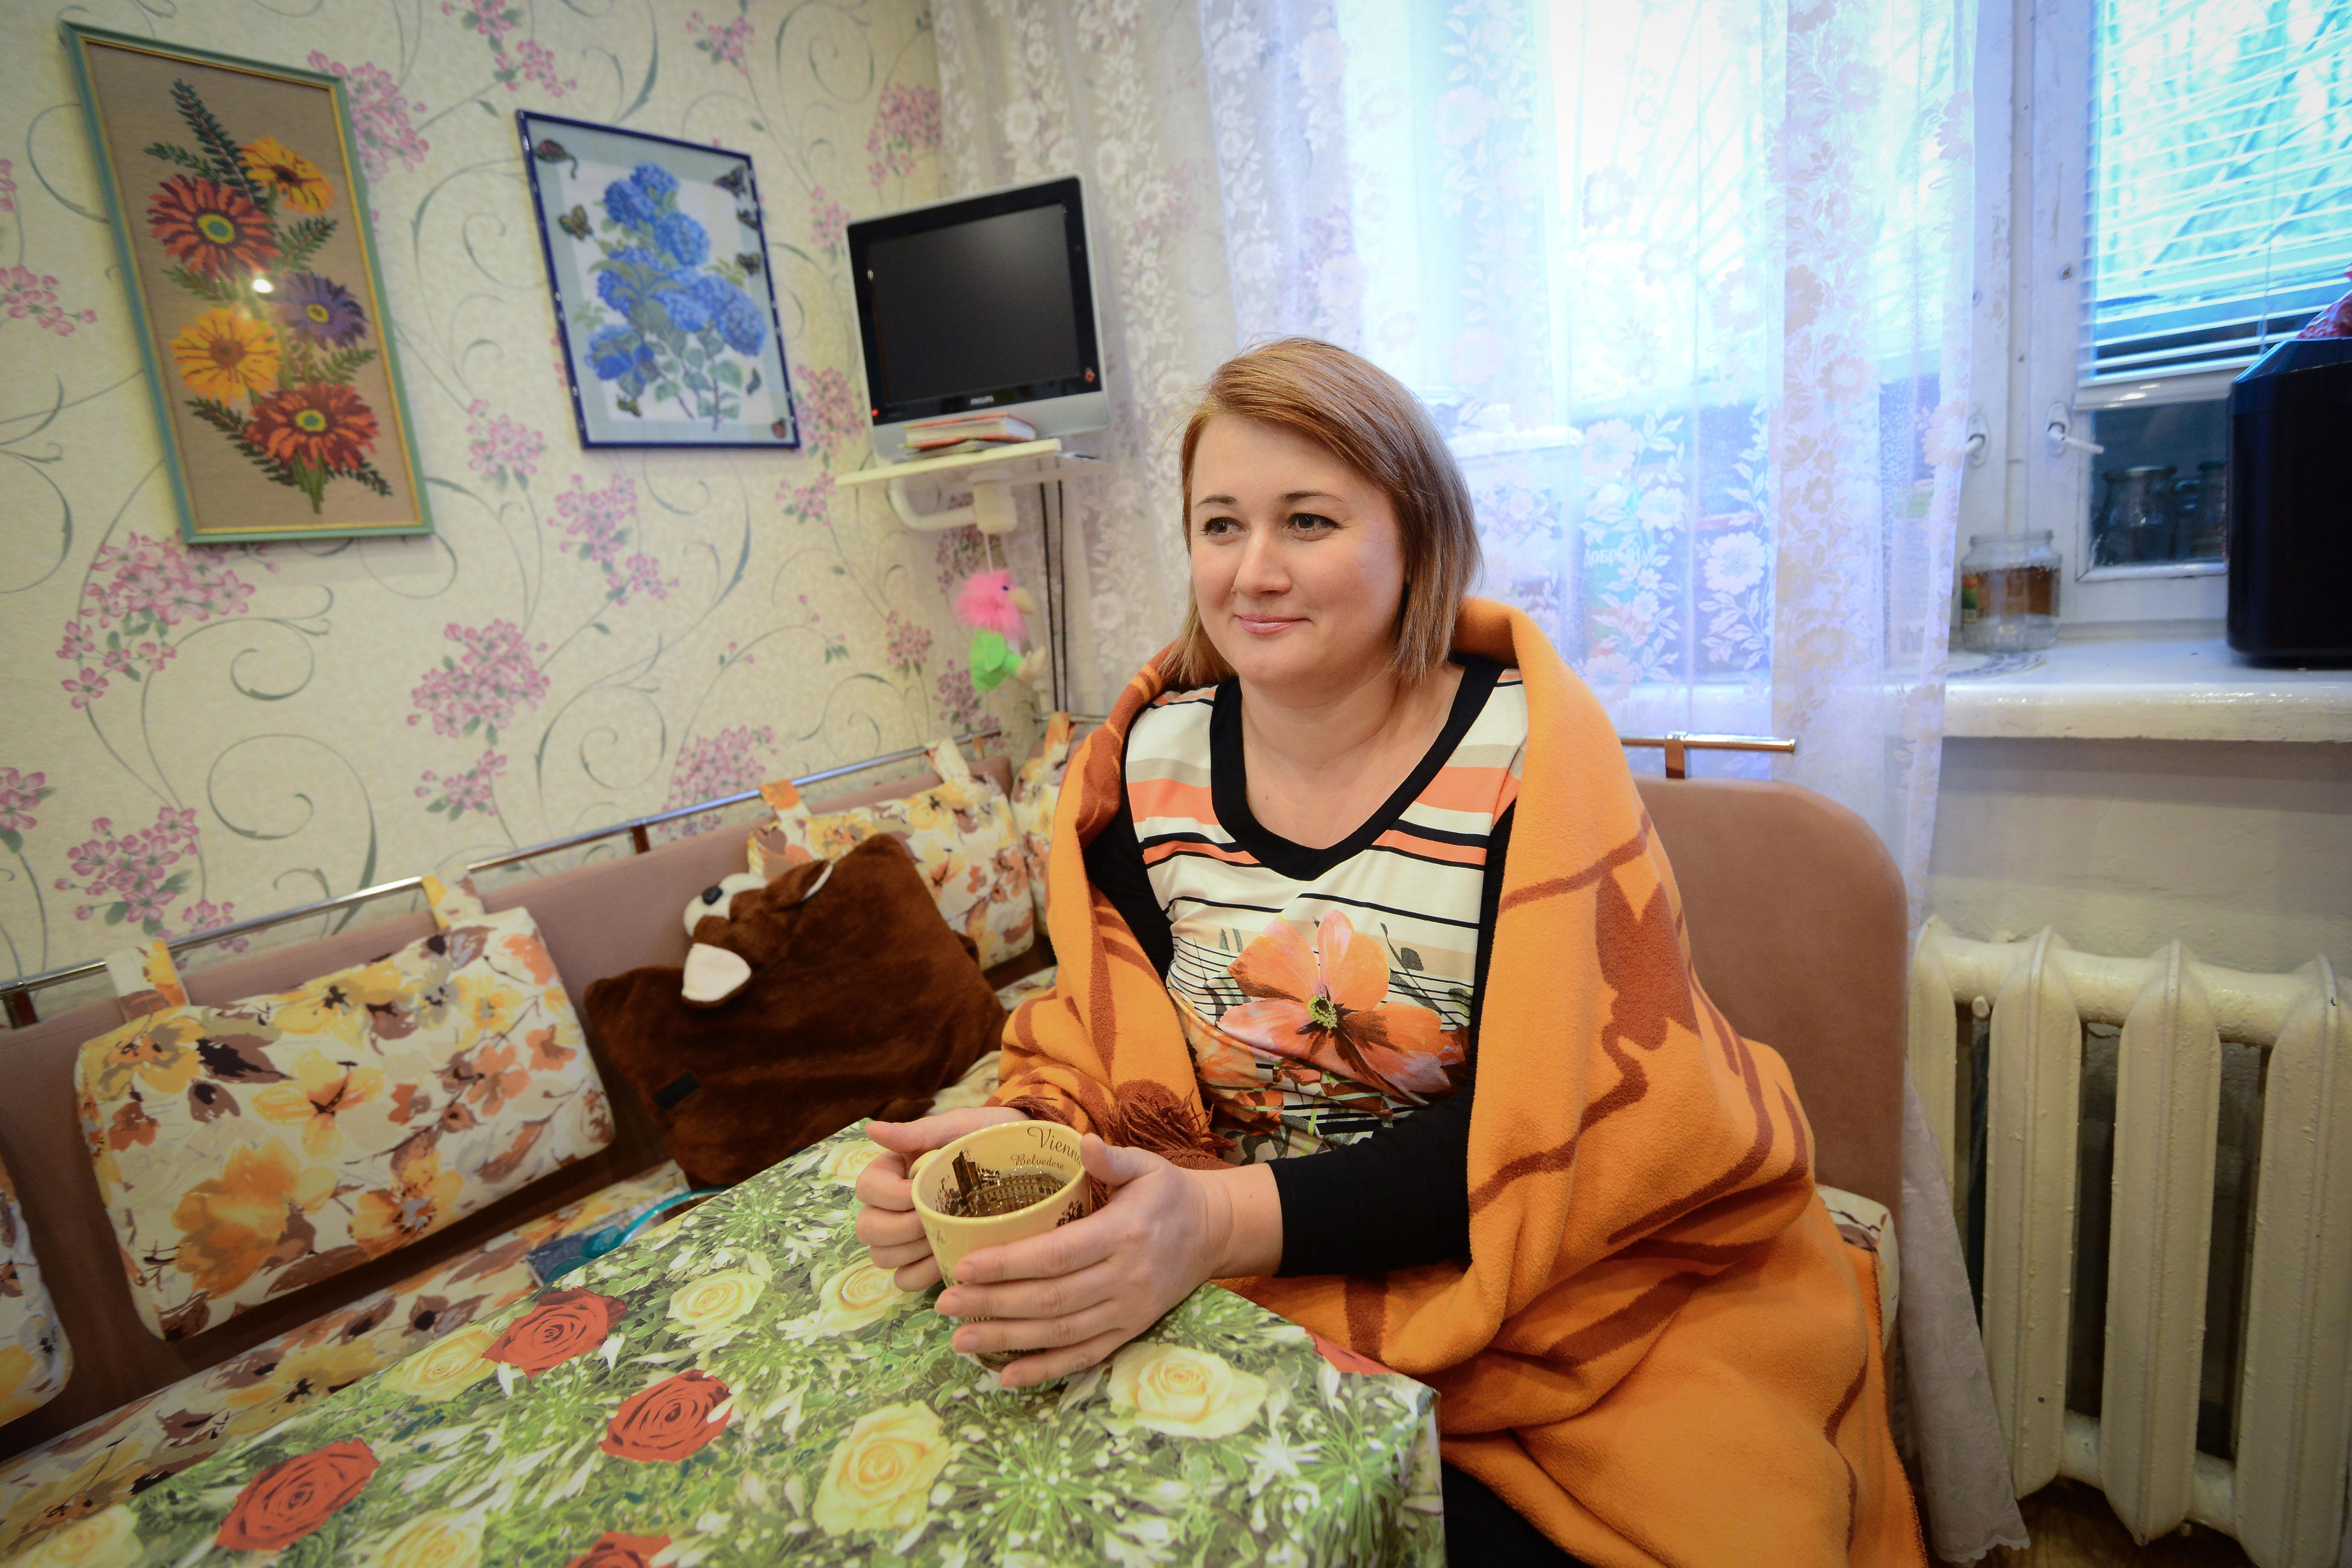 В квартирах Москвы повысили температуру из-за похолодания